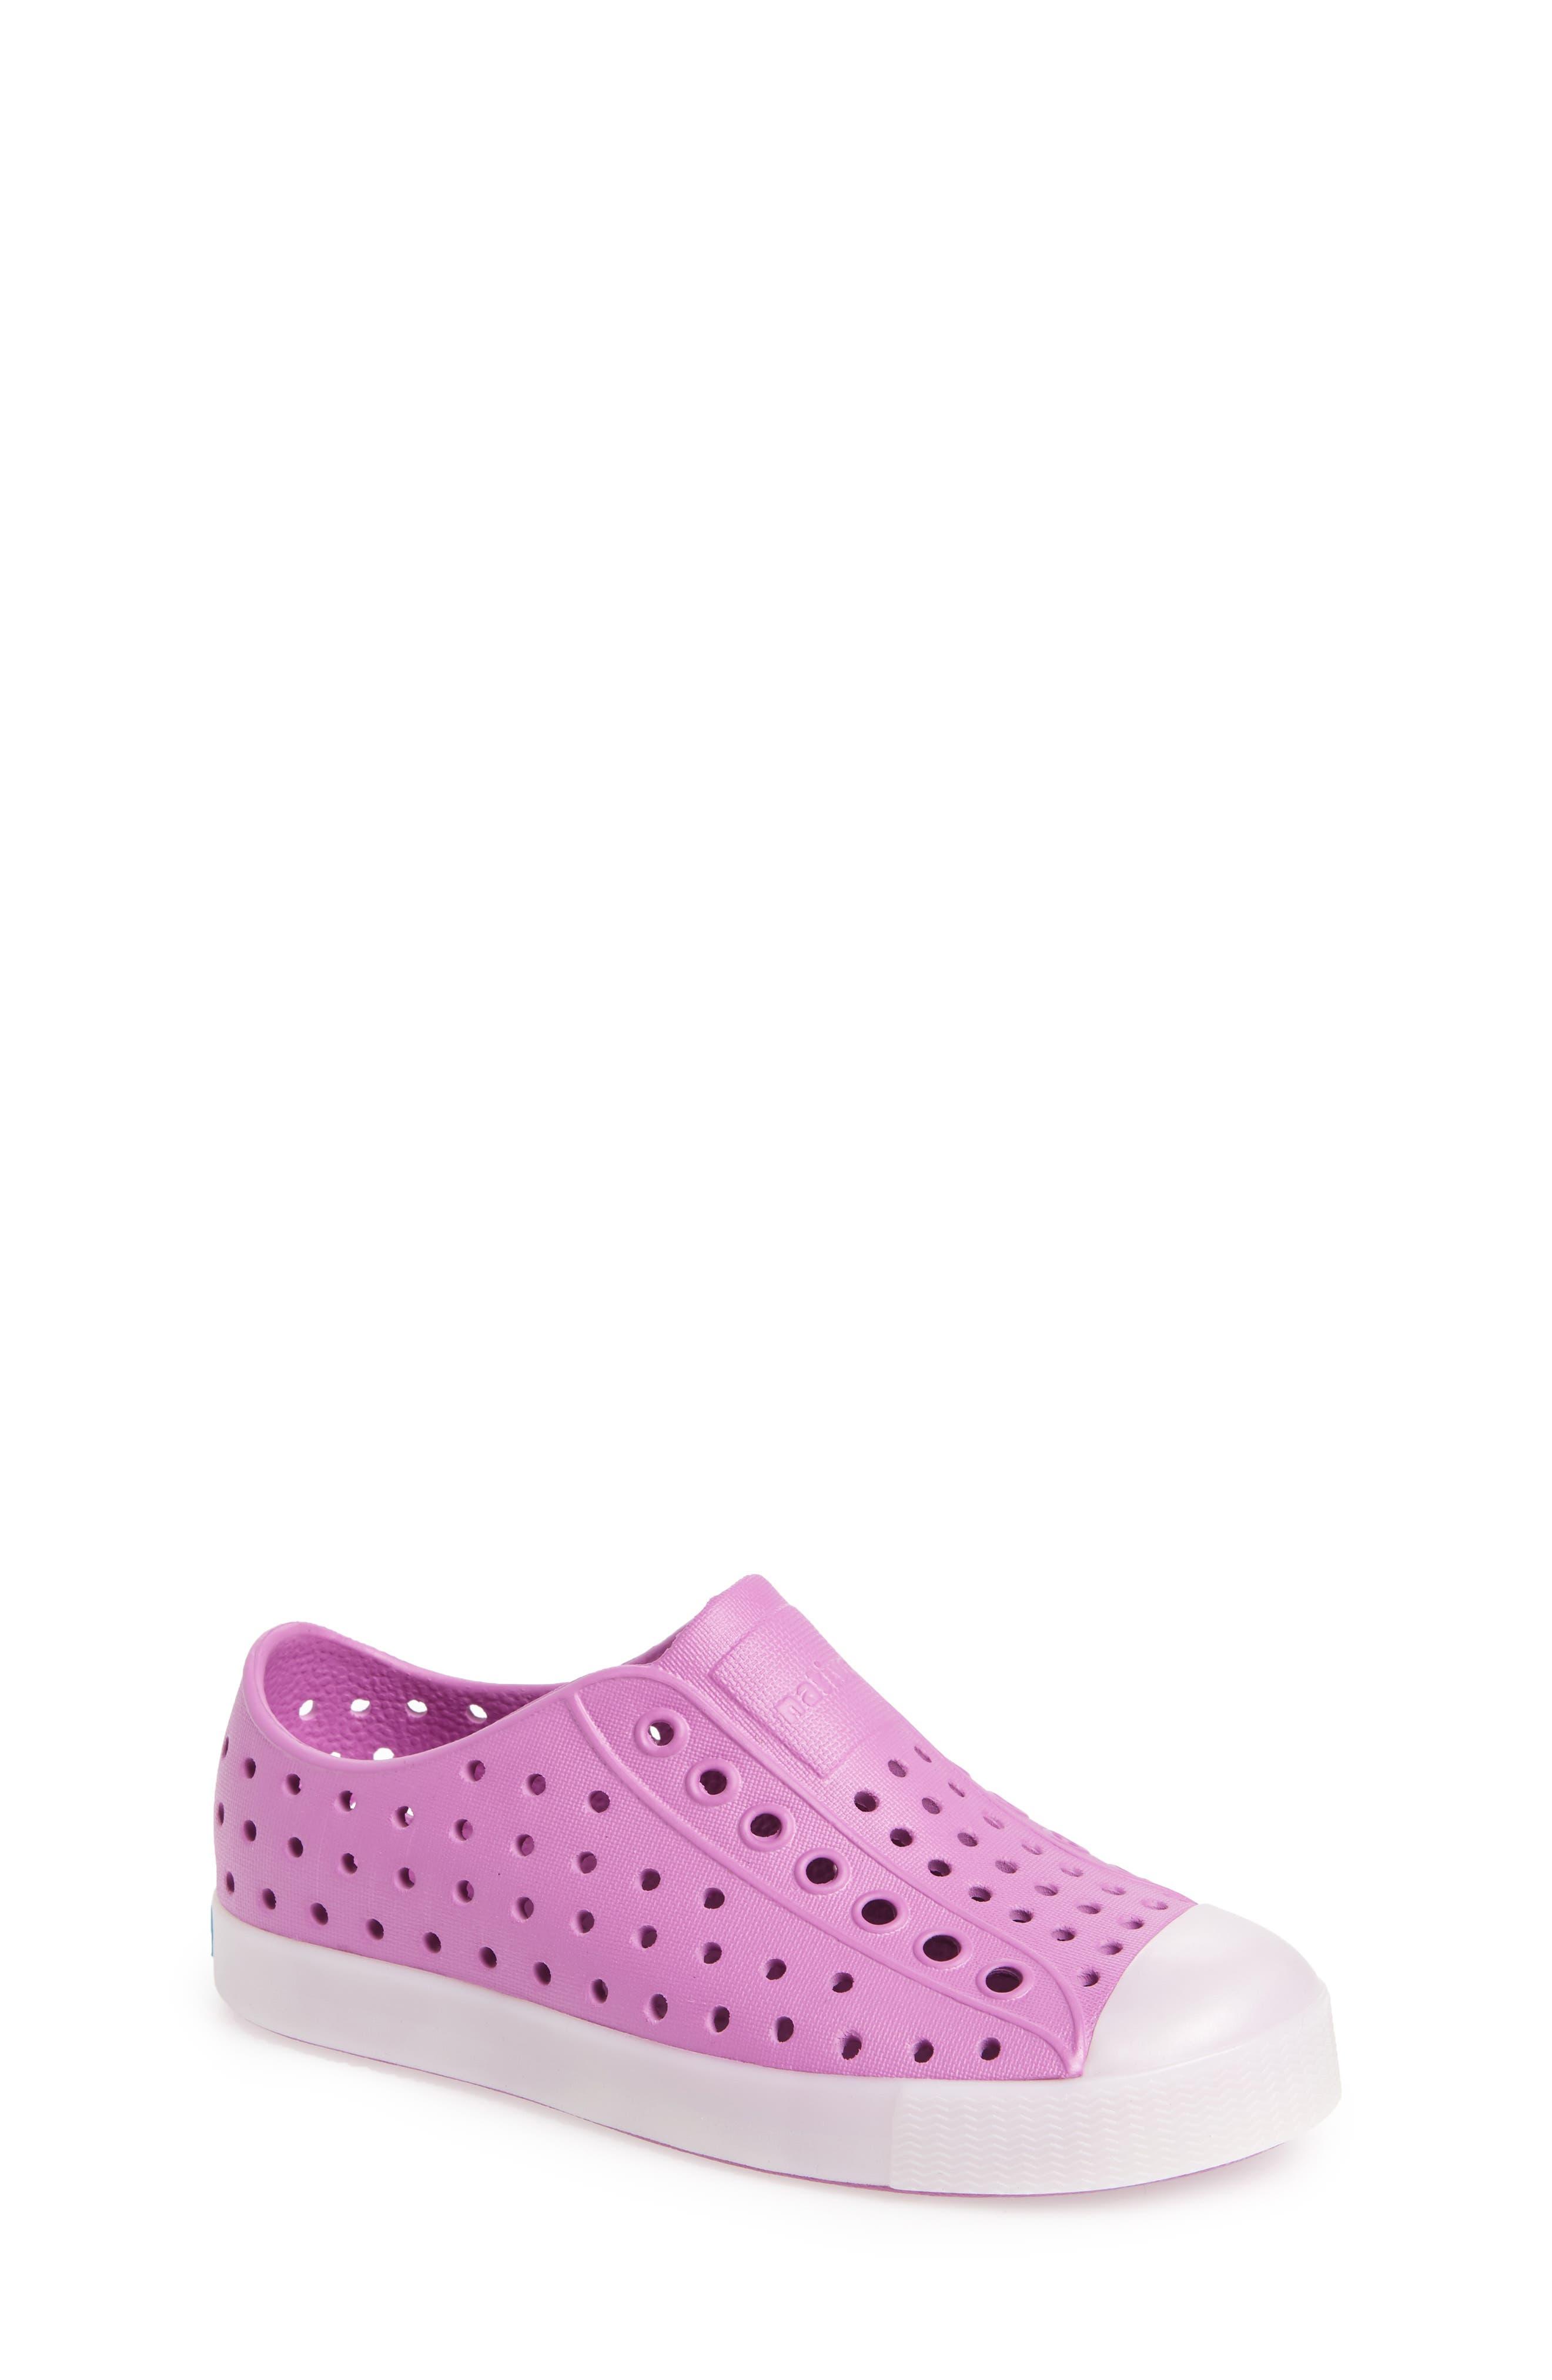 Native Shoes Jefferson - Glow in the Dark Sneaker (Walker, Toddler & Little Kid)